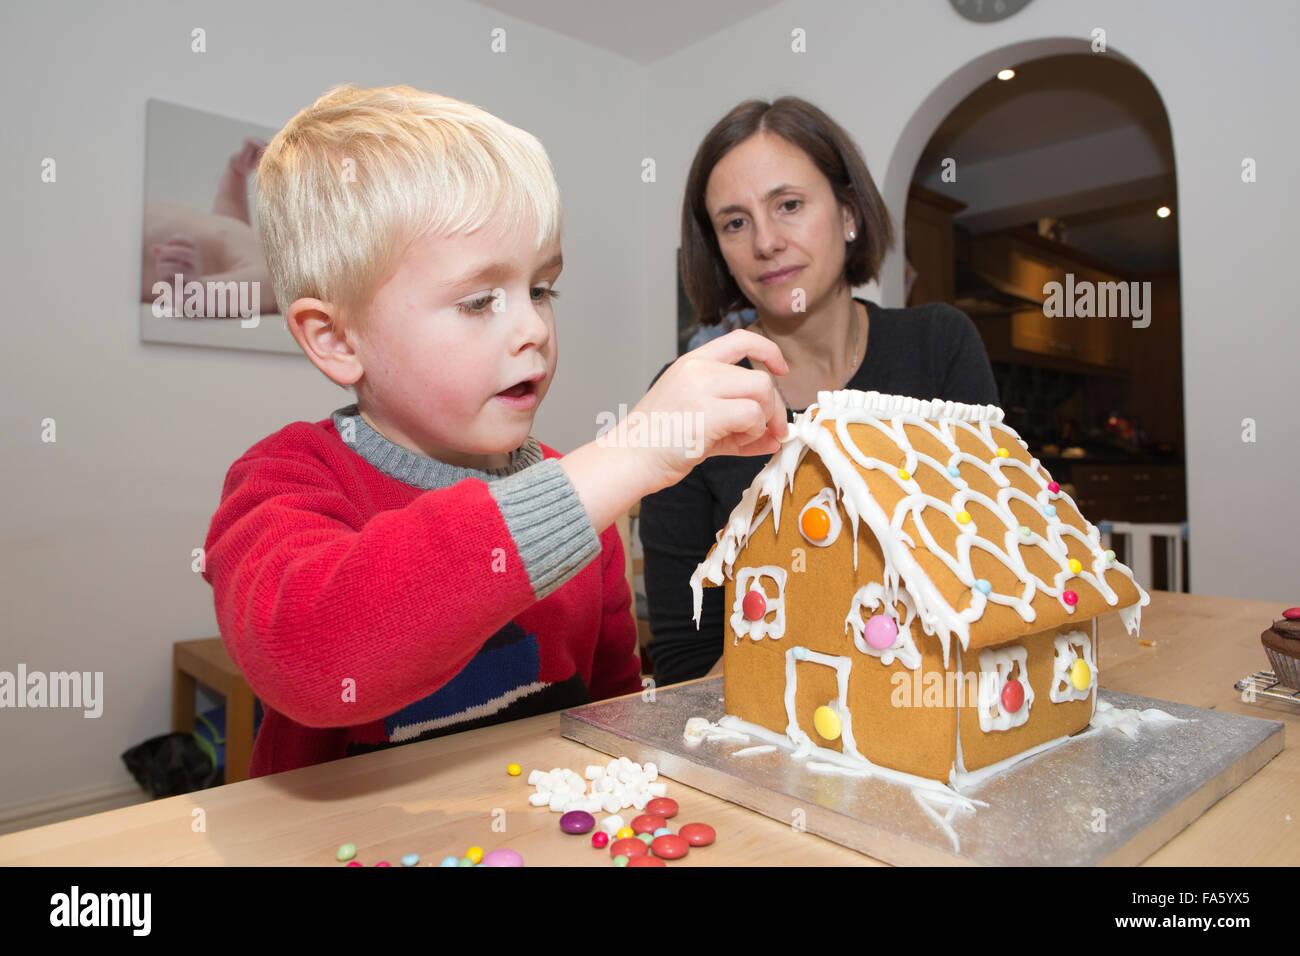 Niño de 5 años construir una casa hecha de pan de jengibre gingerbread antes de las festividades navideñas, REINO UNIDO Foto de stock